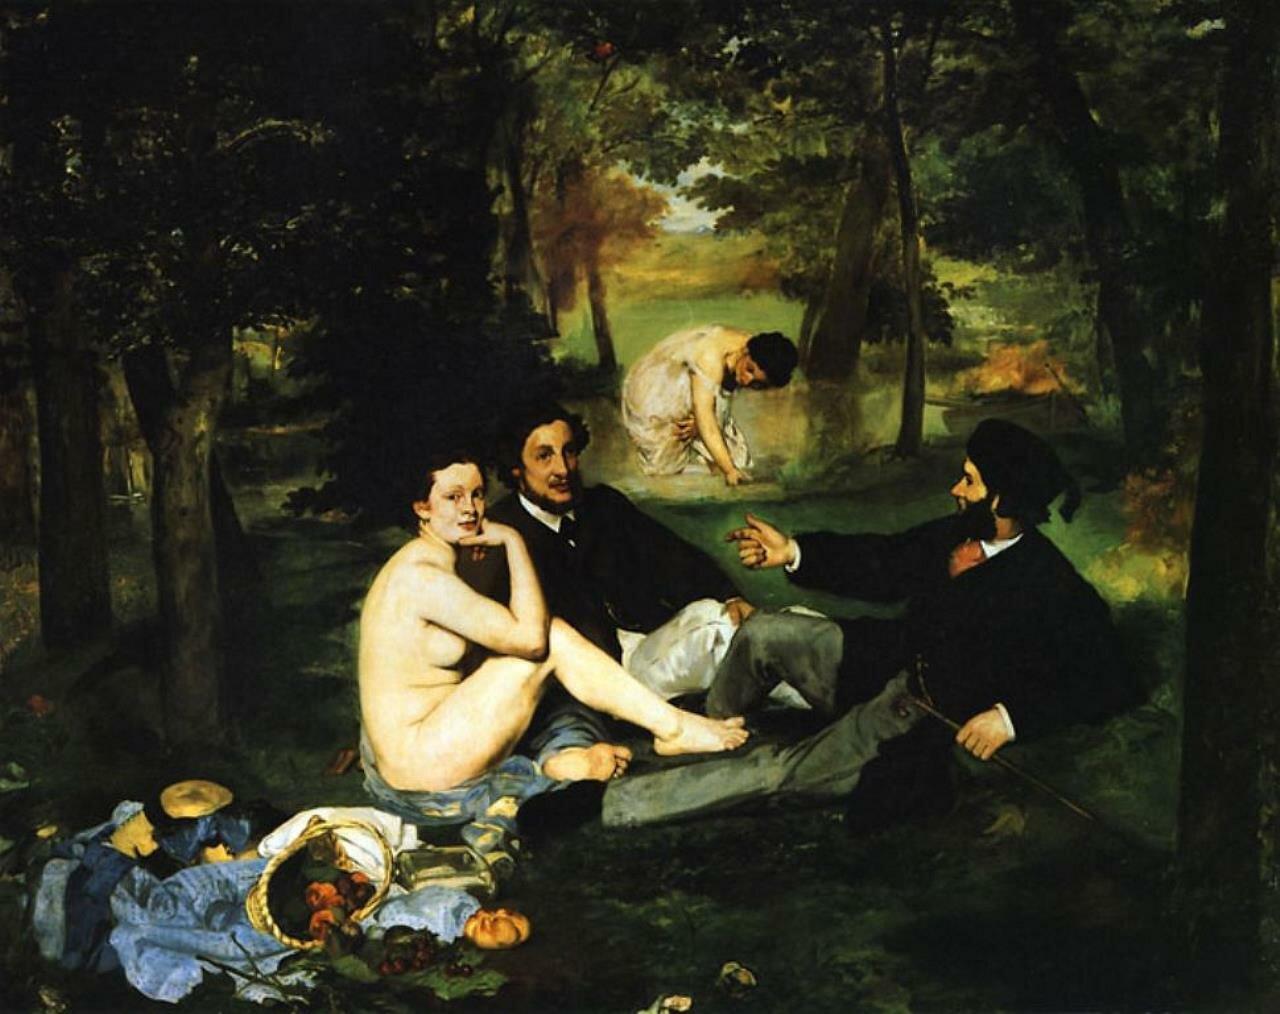 Мане, Завтрак на траве. 1863